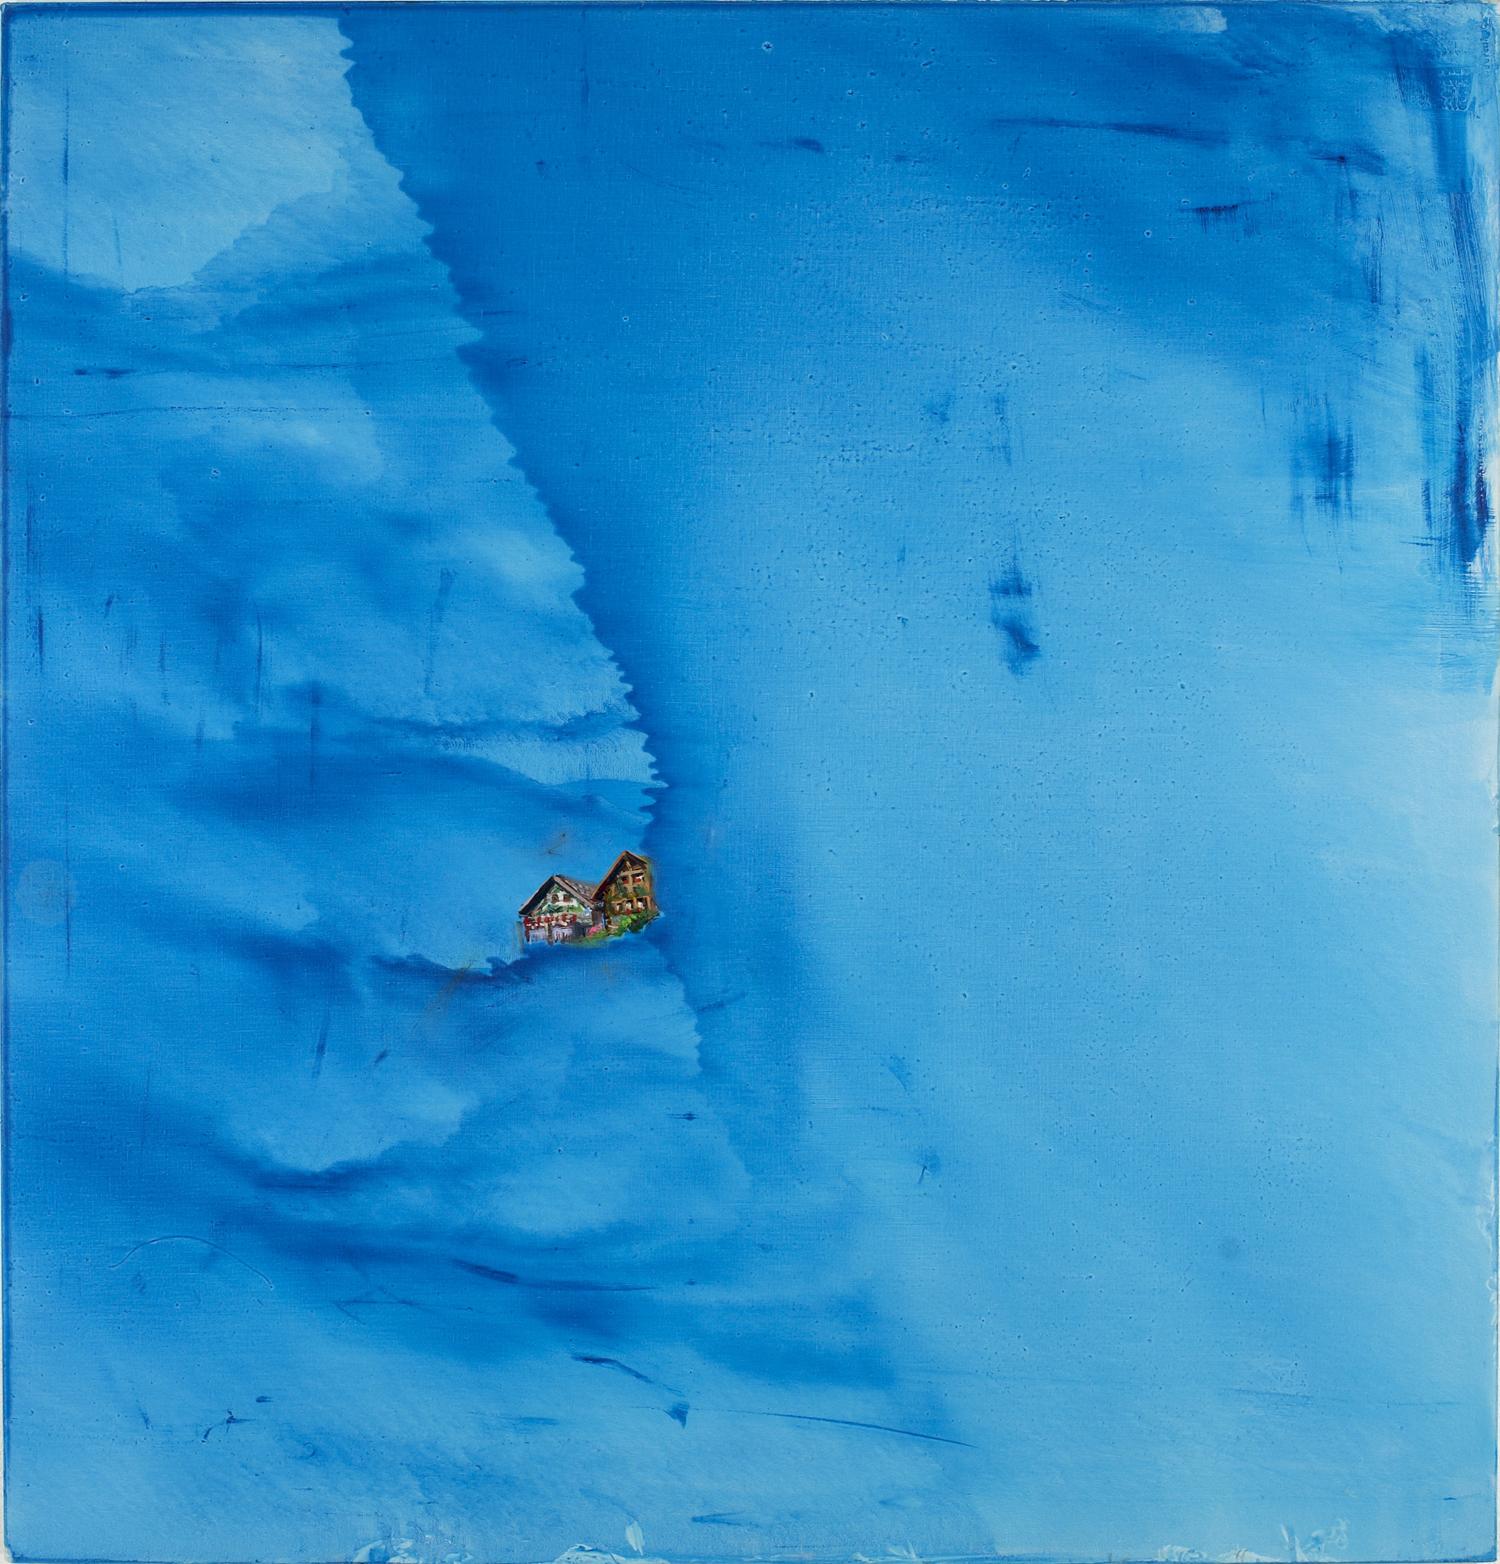 Alpträume (Chalet), 2011